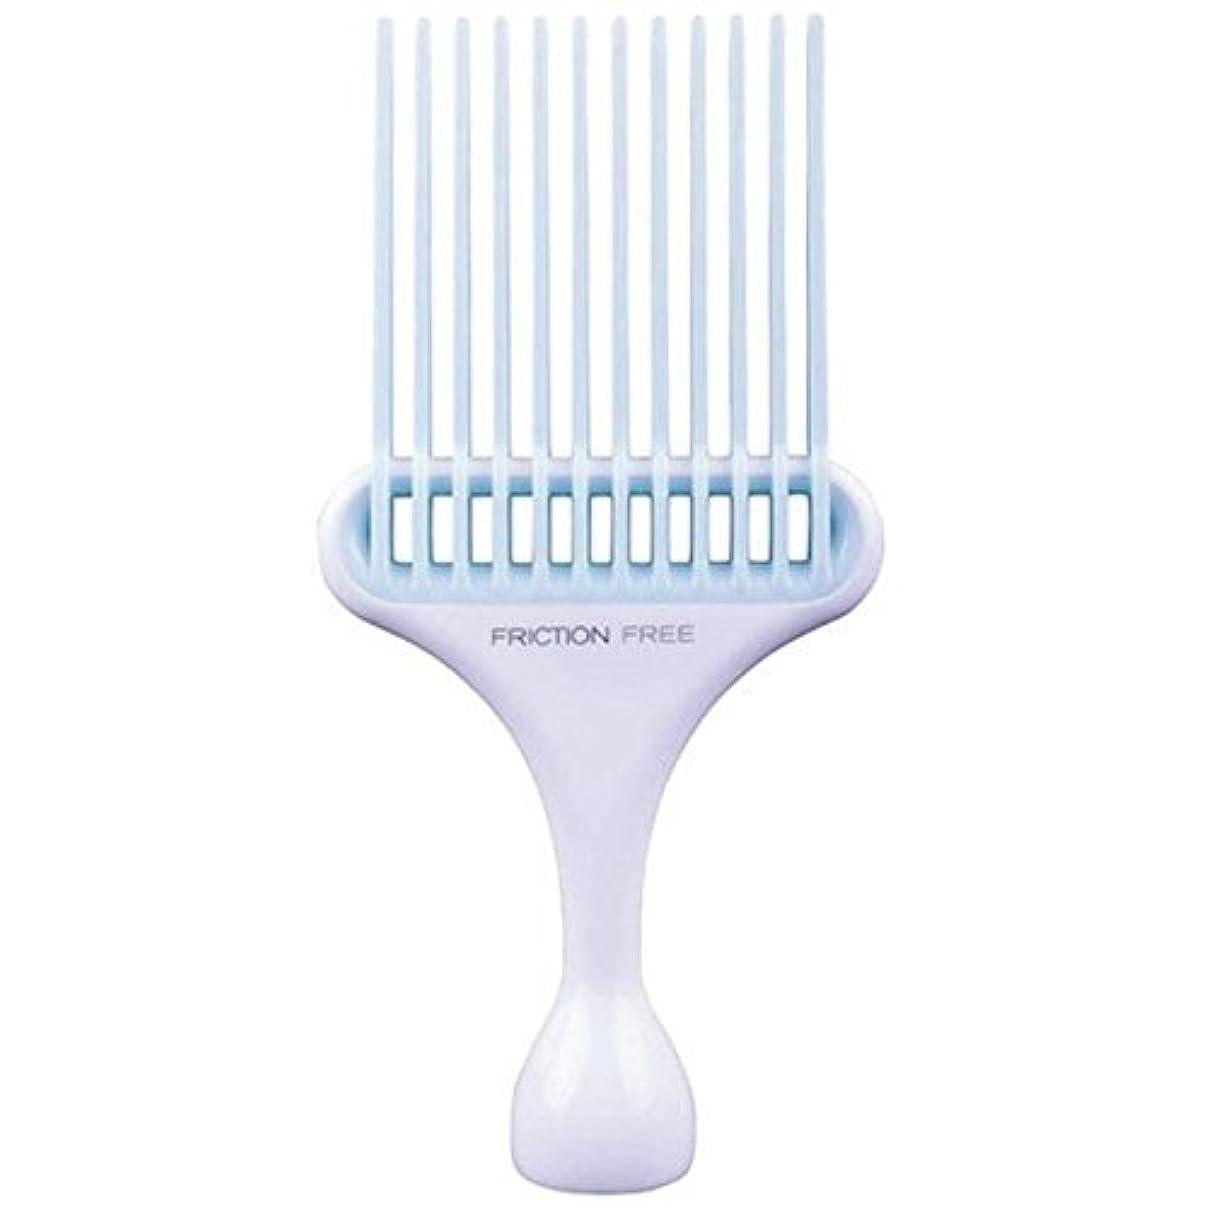 目指す戦艦グラフCricket Friction Free Pick Comb [並行輸入品]